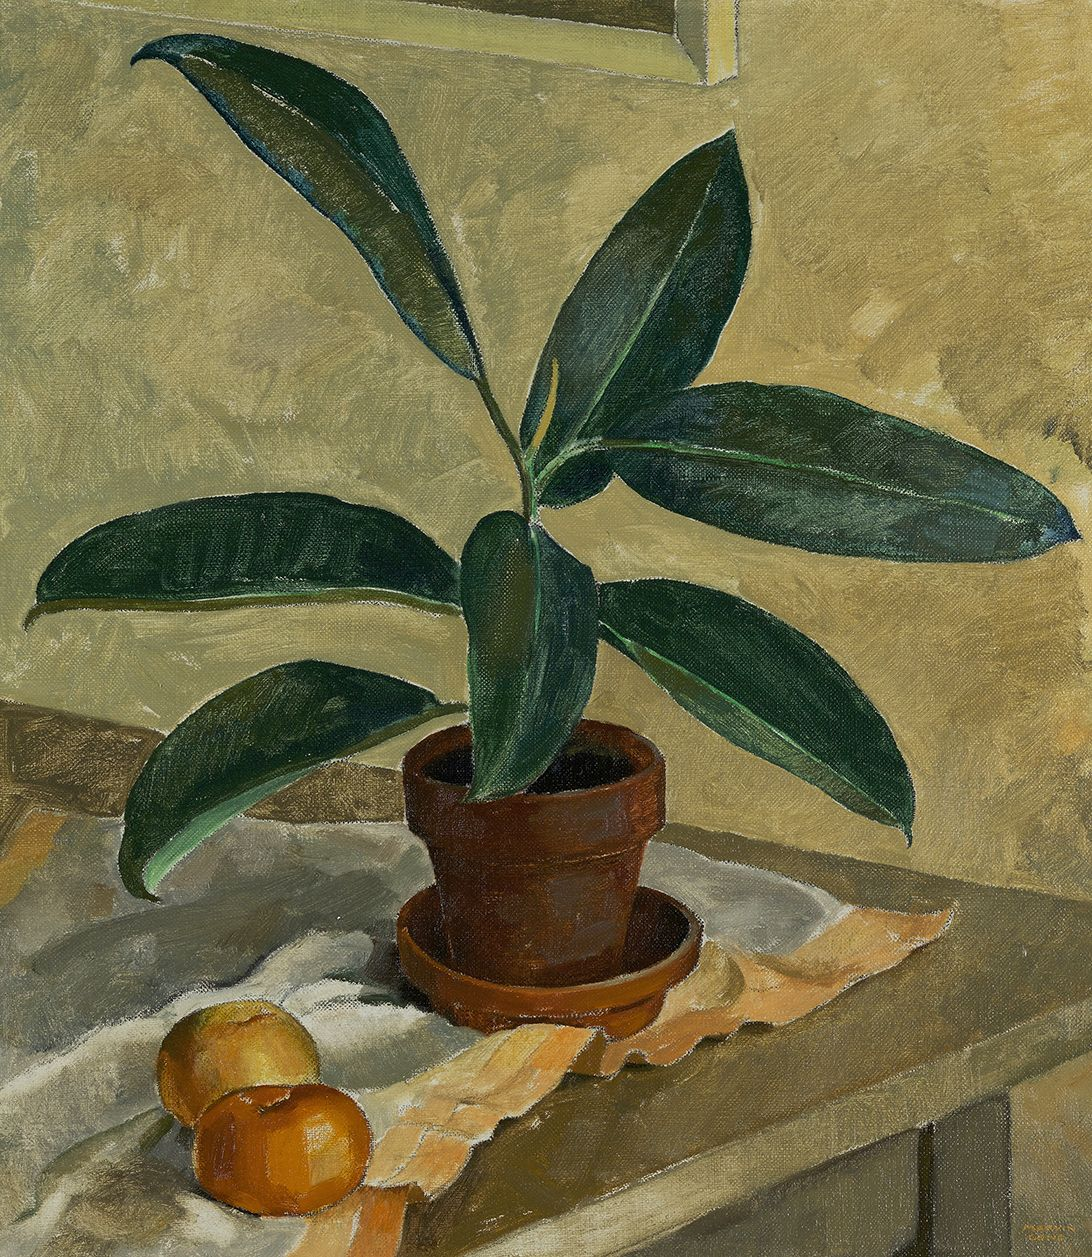 Marvin Cone (1891-1964), Rubber Plant, circa 1930s